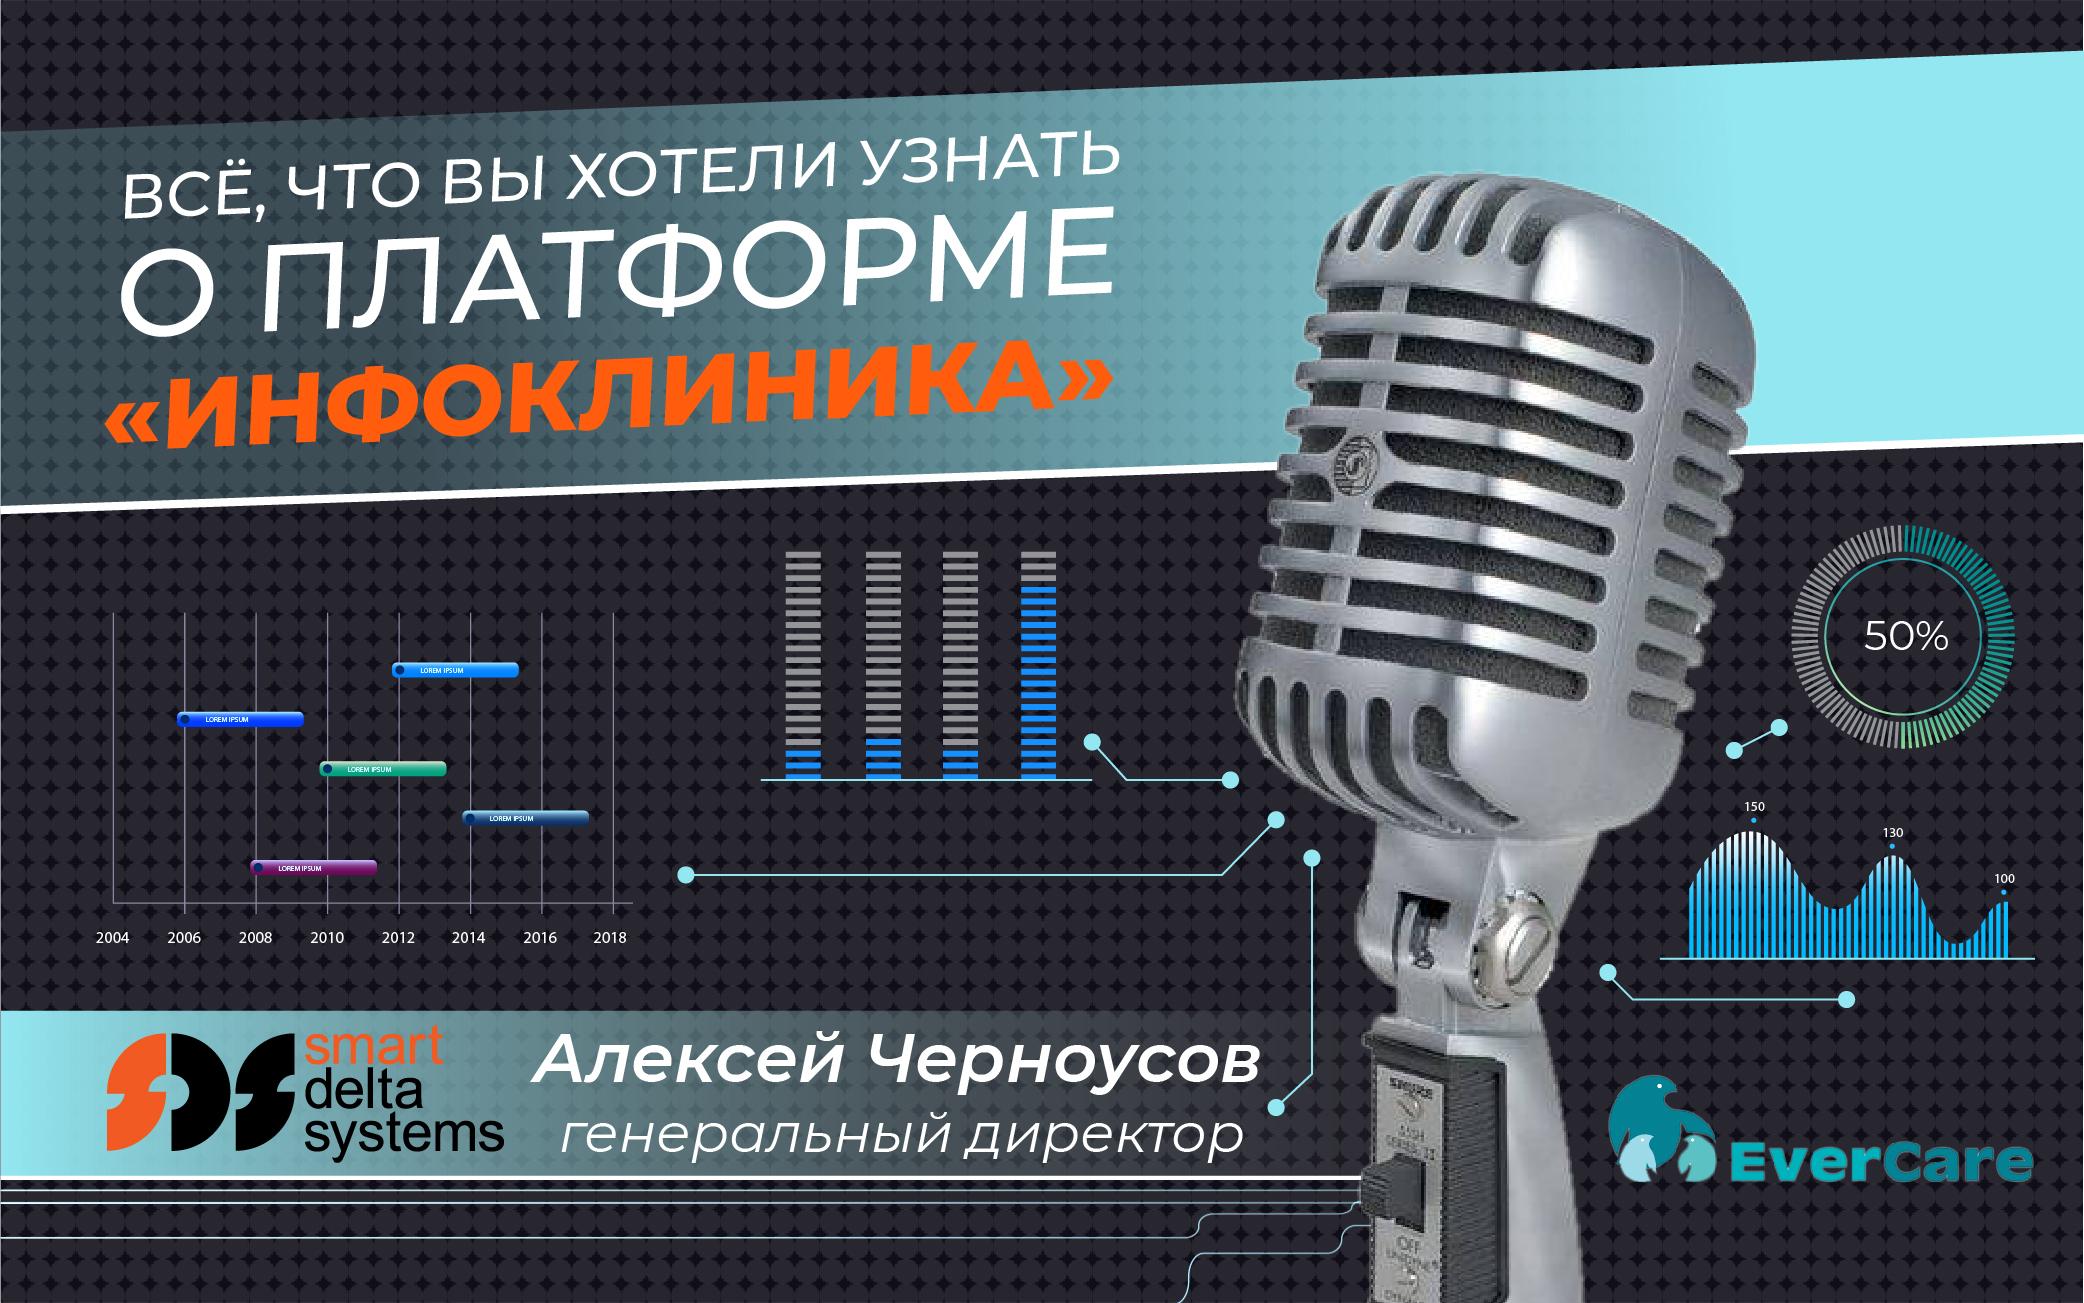 Интервью руководителя СДС для проекта Evercare